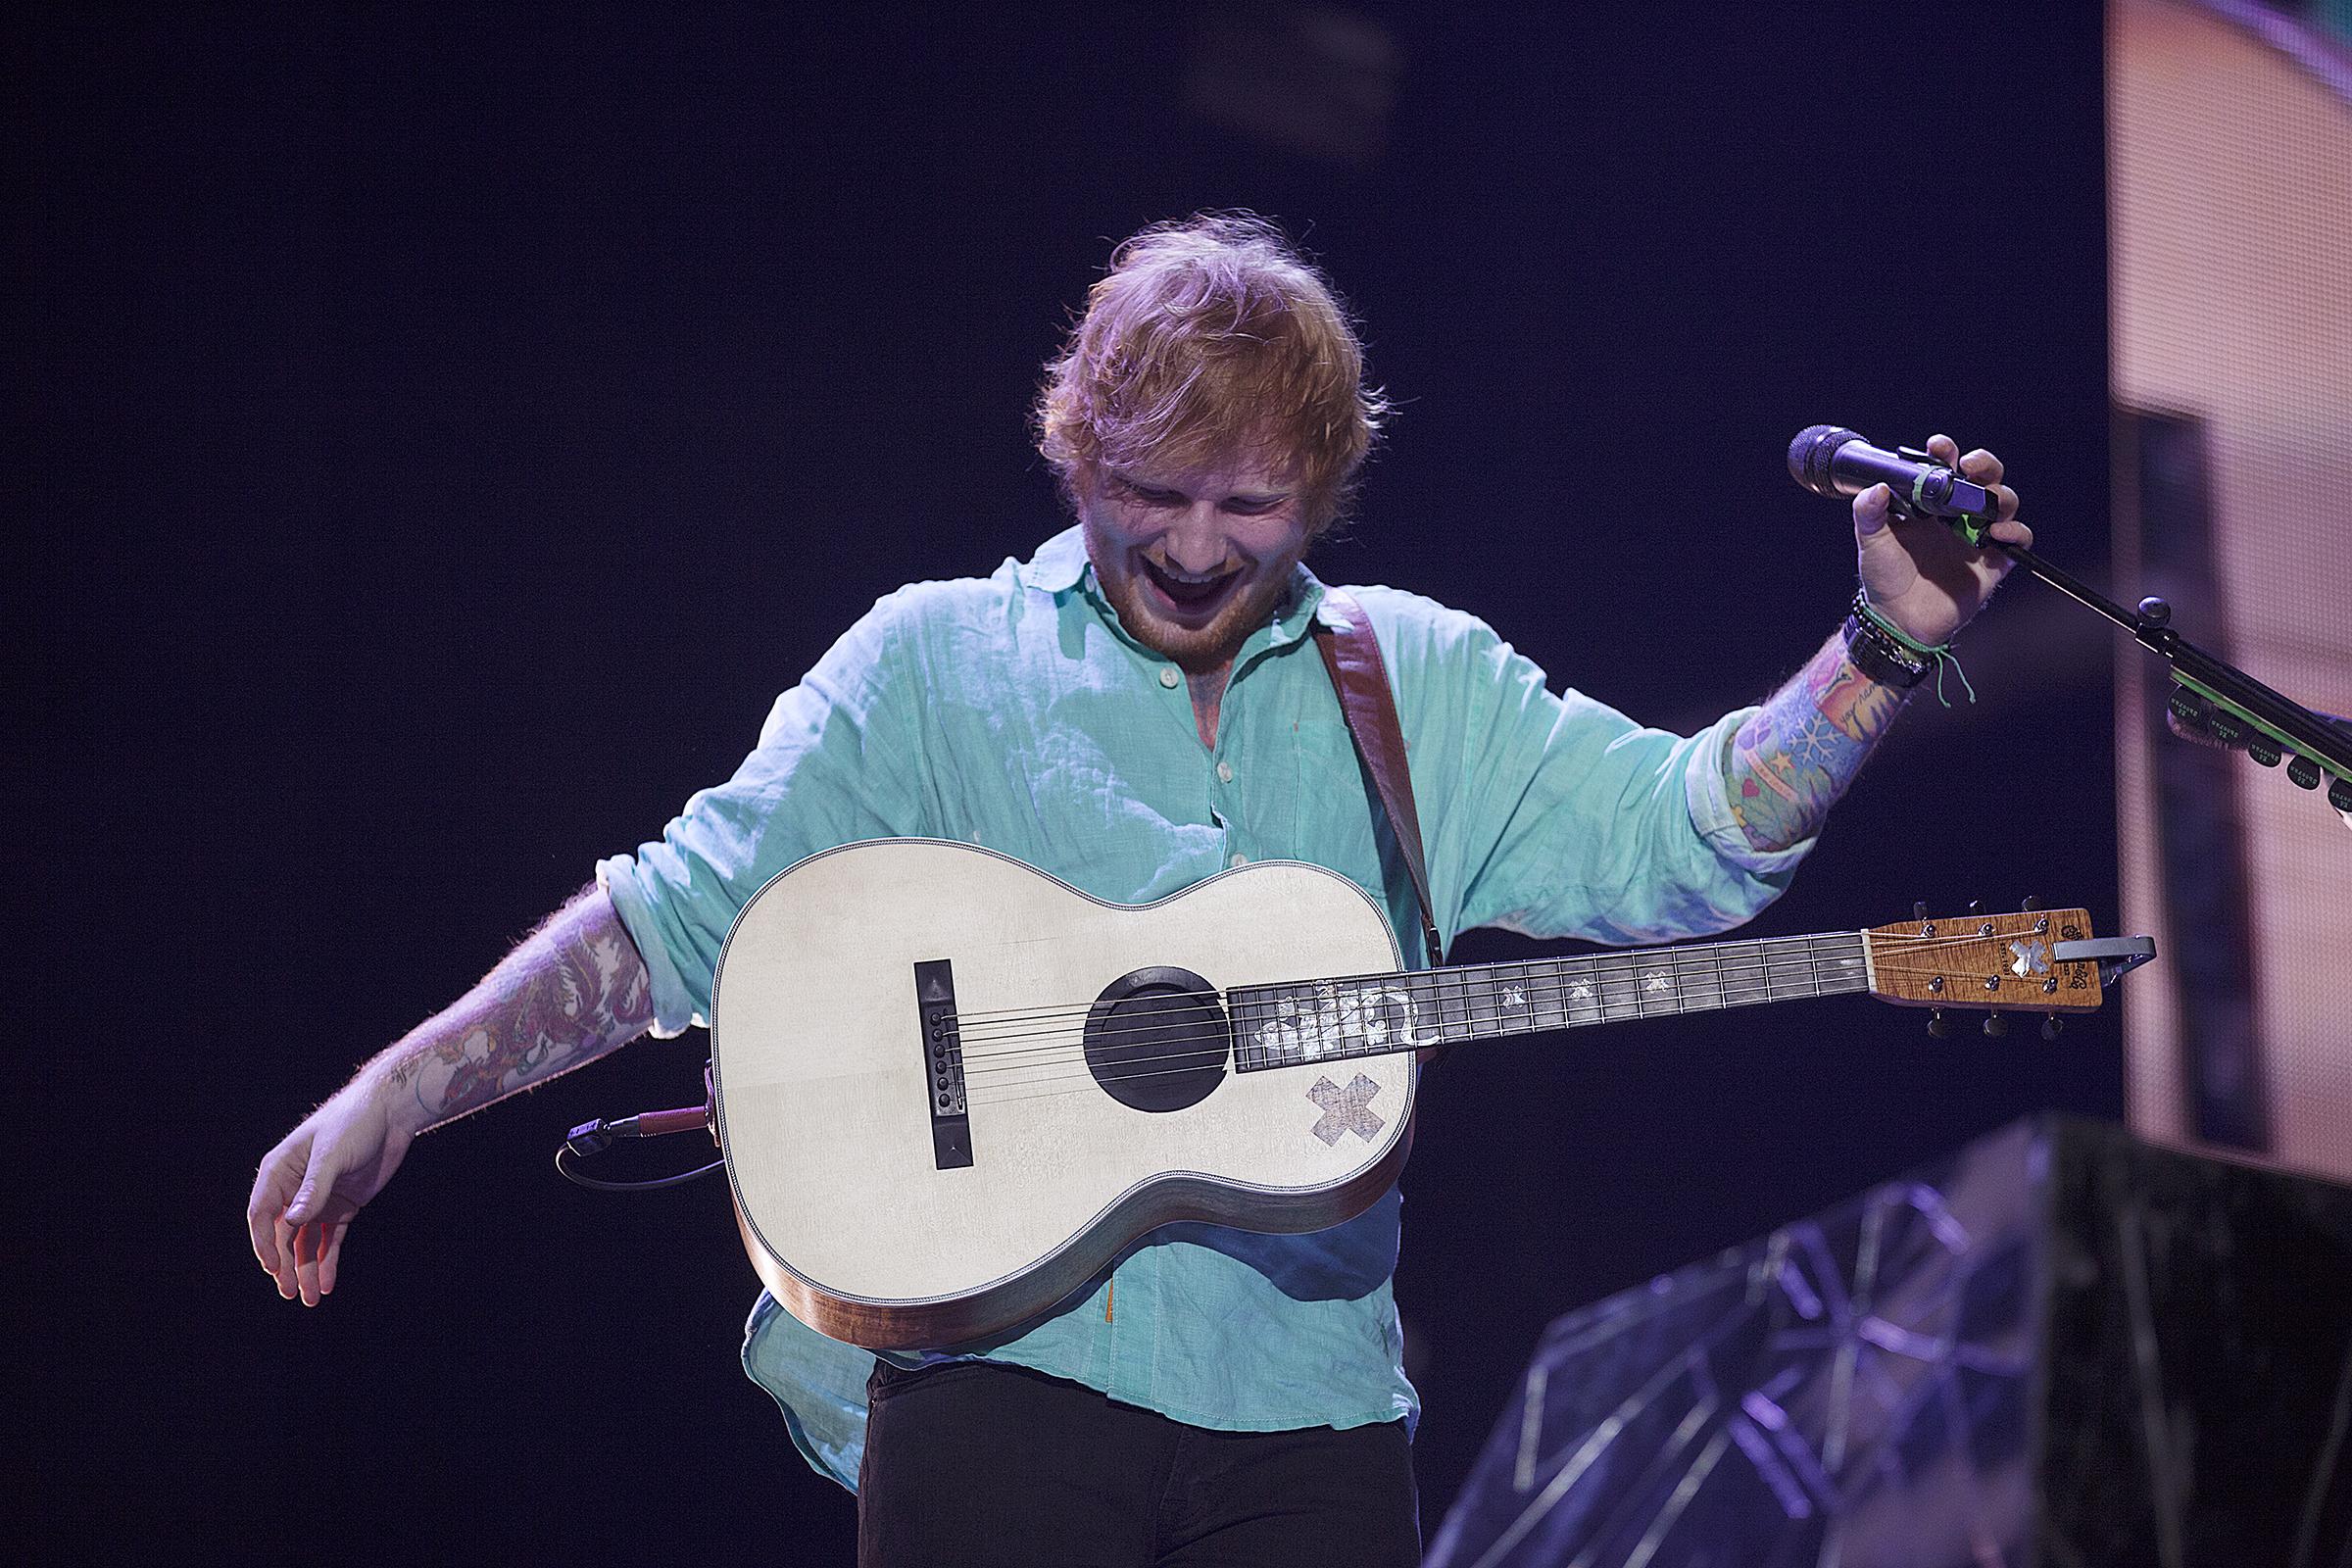 Ed sheeran tour dates in Perth